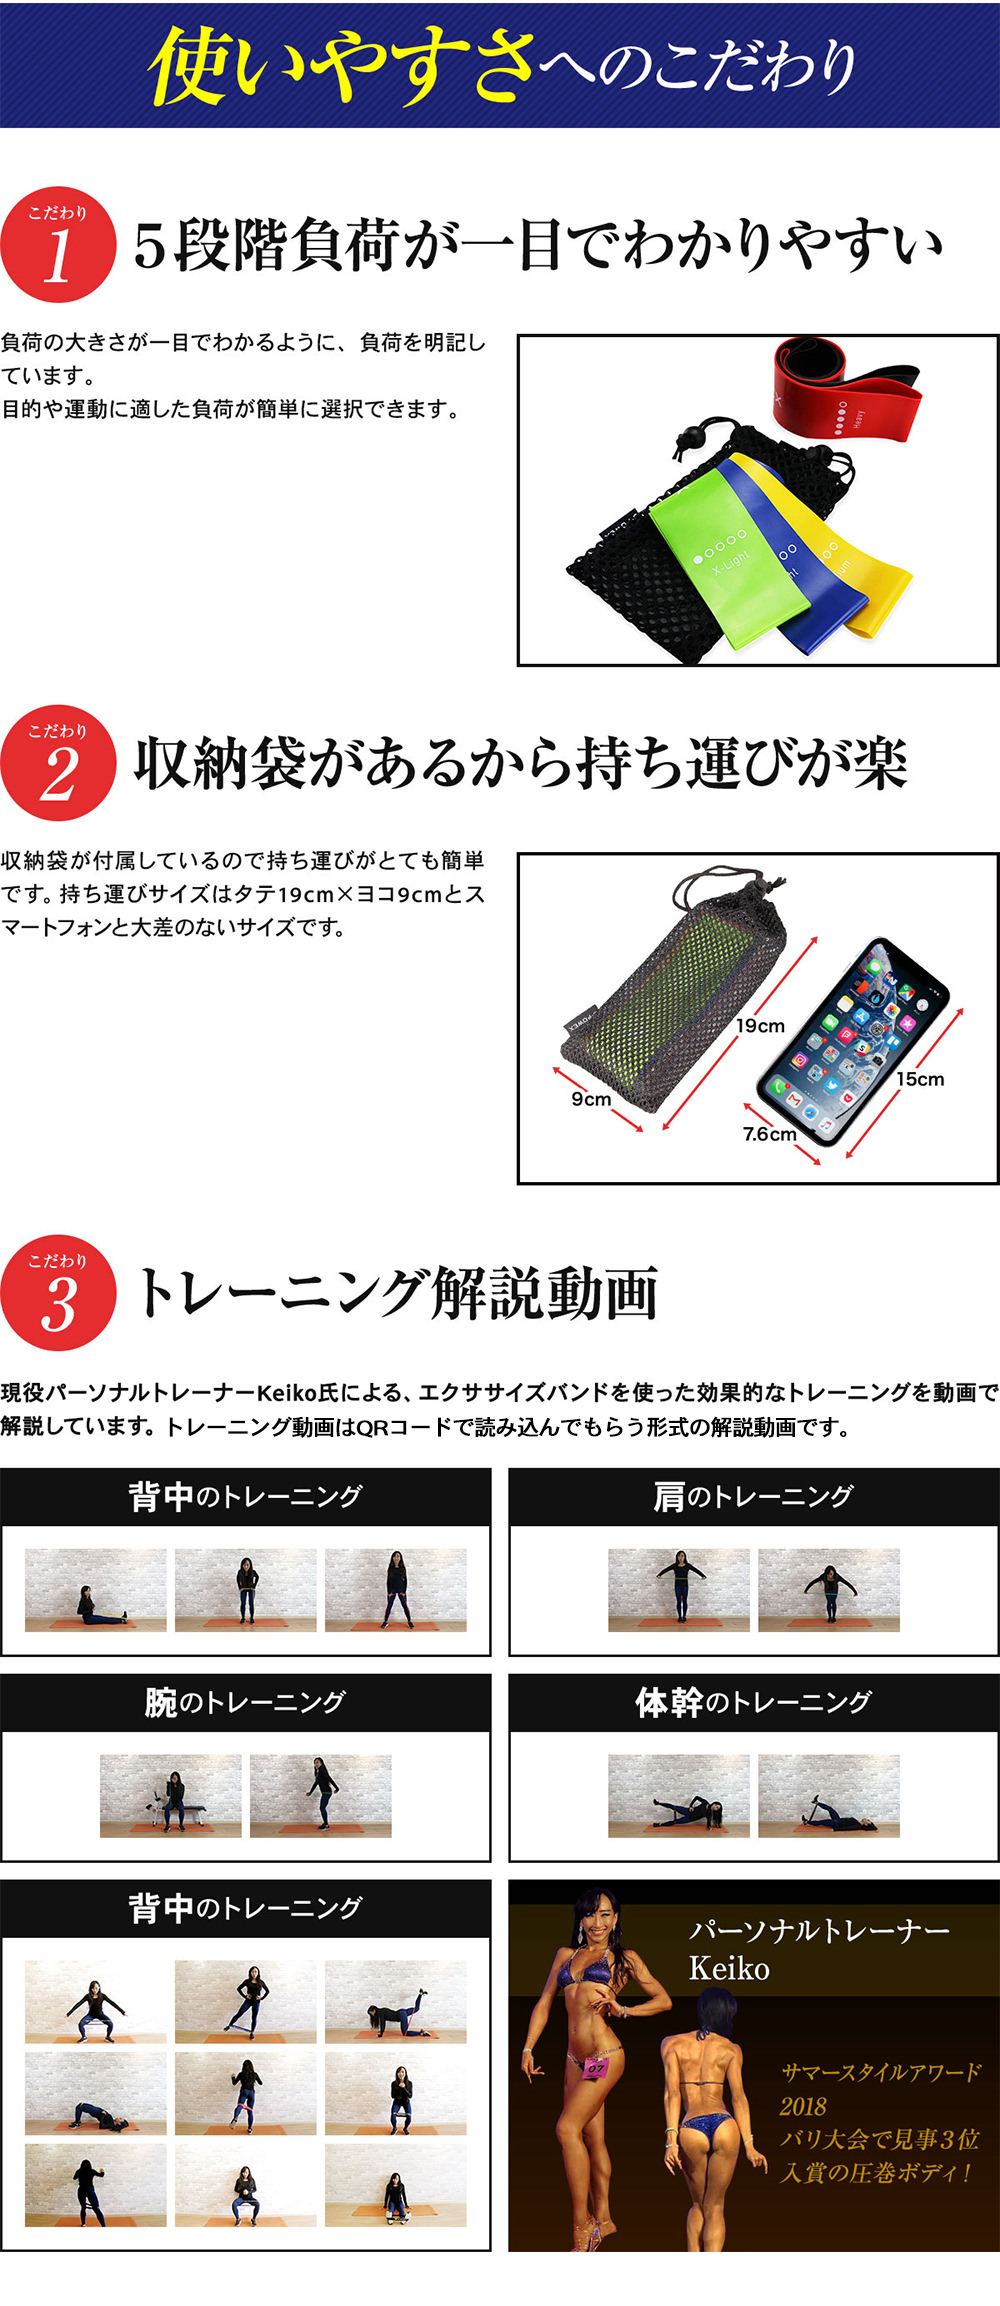 お出かけの際にも手軽に持ち運べる収納袋付きでトレーニング動画解説付きのレジスタンスバンドが使いやすいと人気